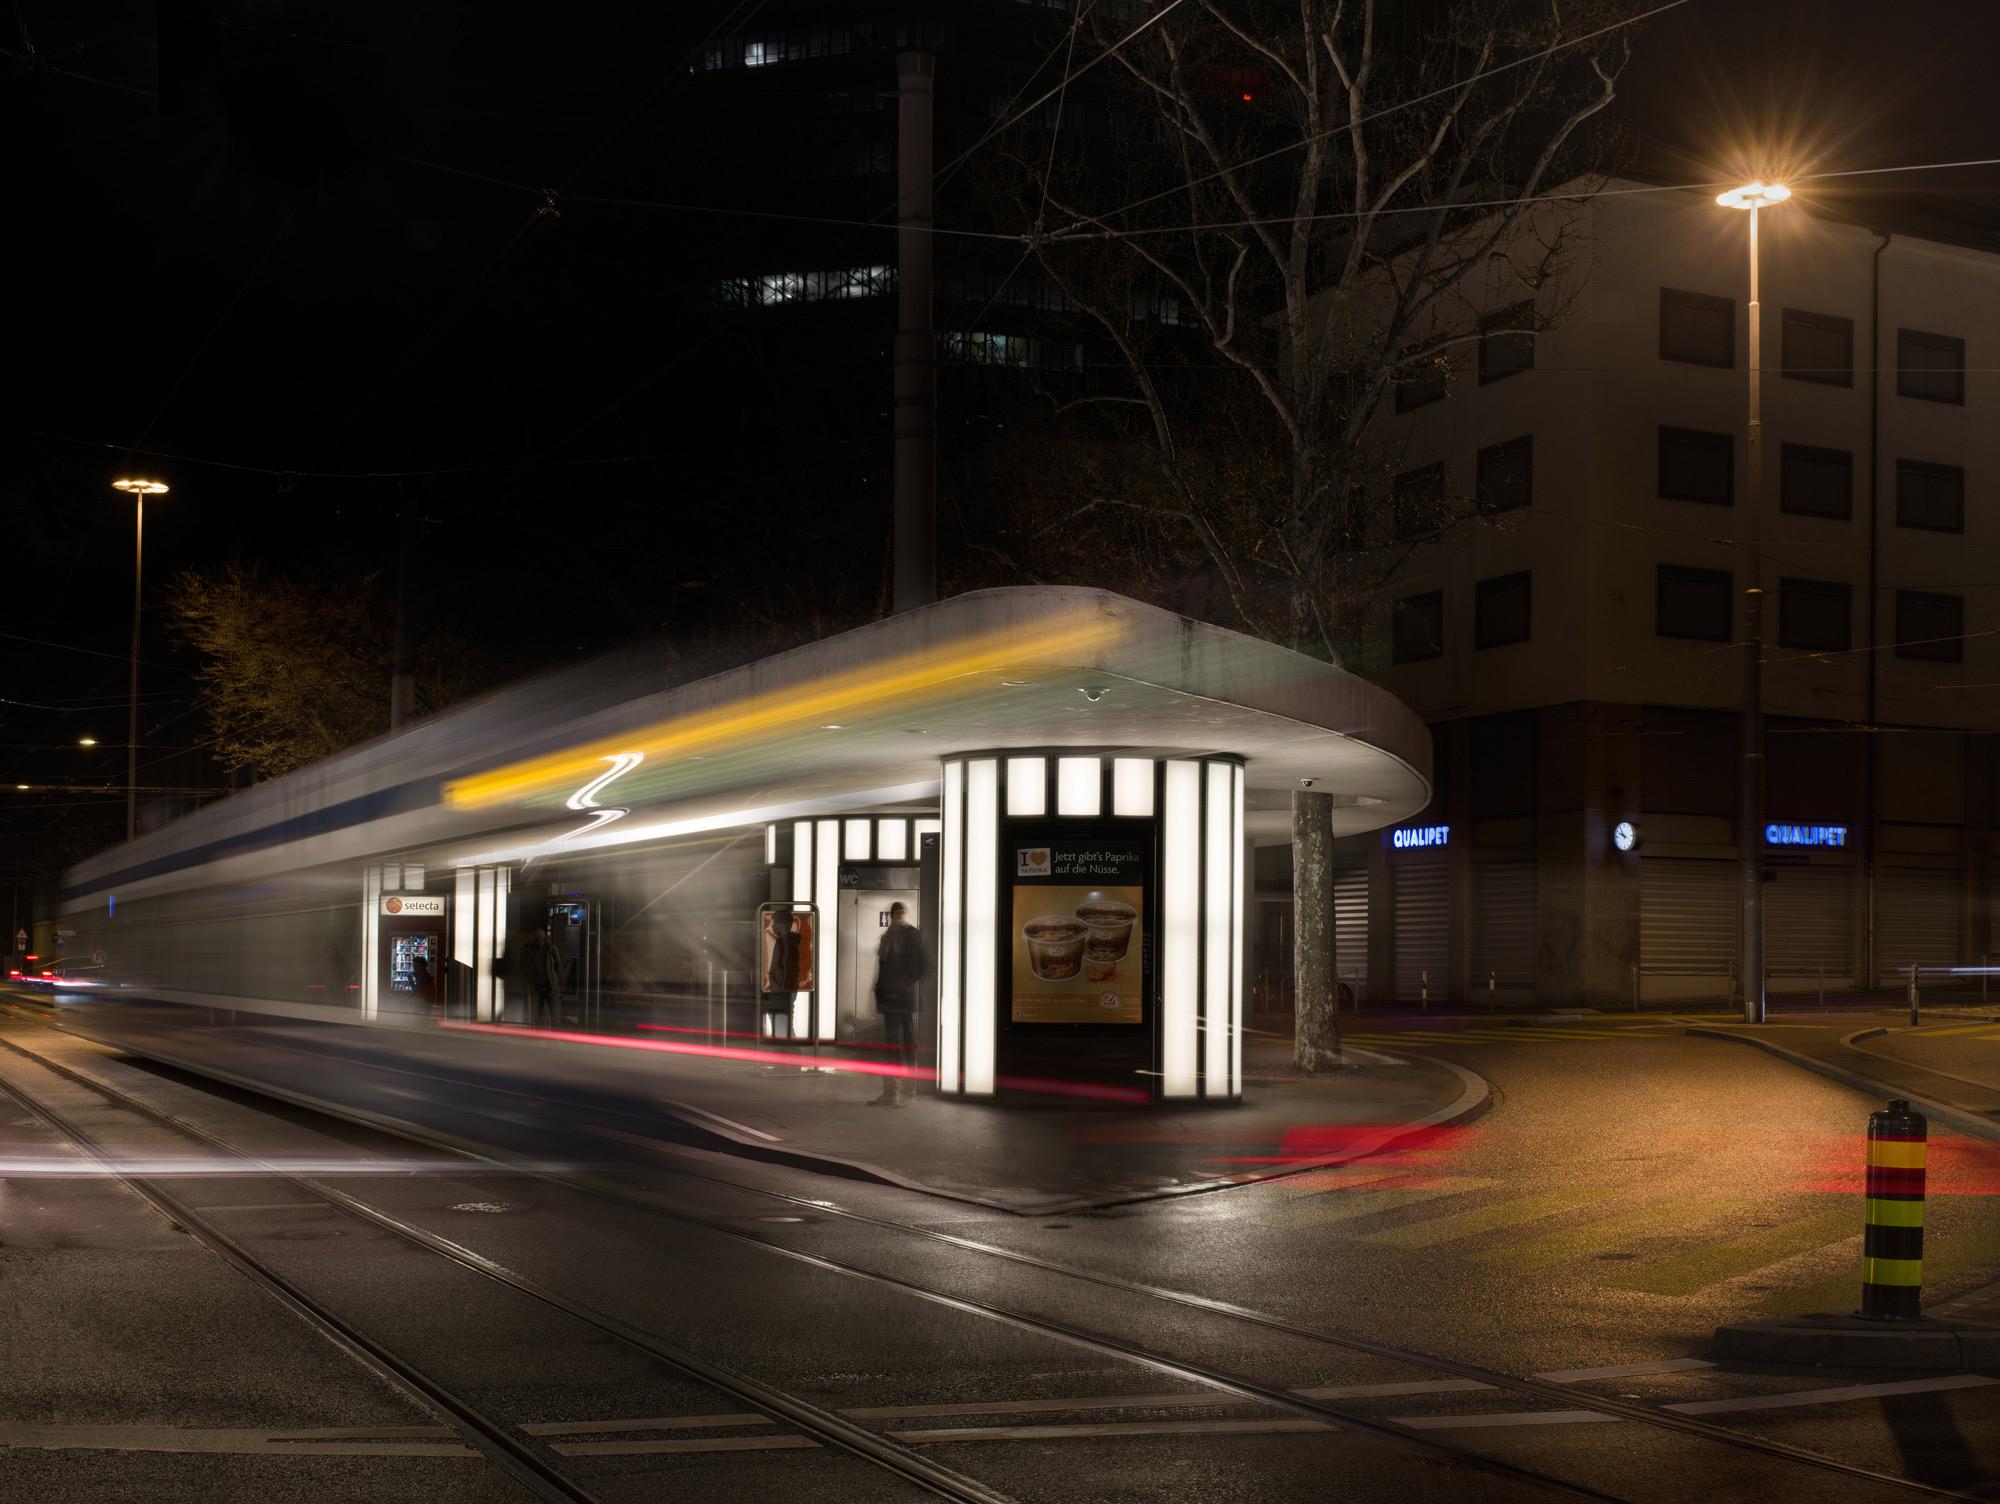 arrêt de tram la nuit à Zurich